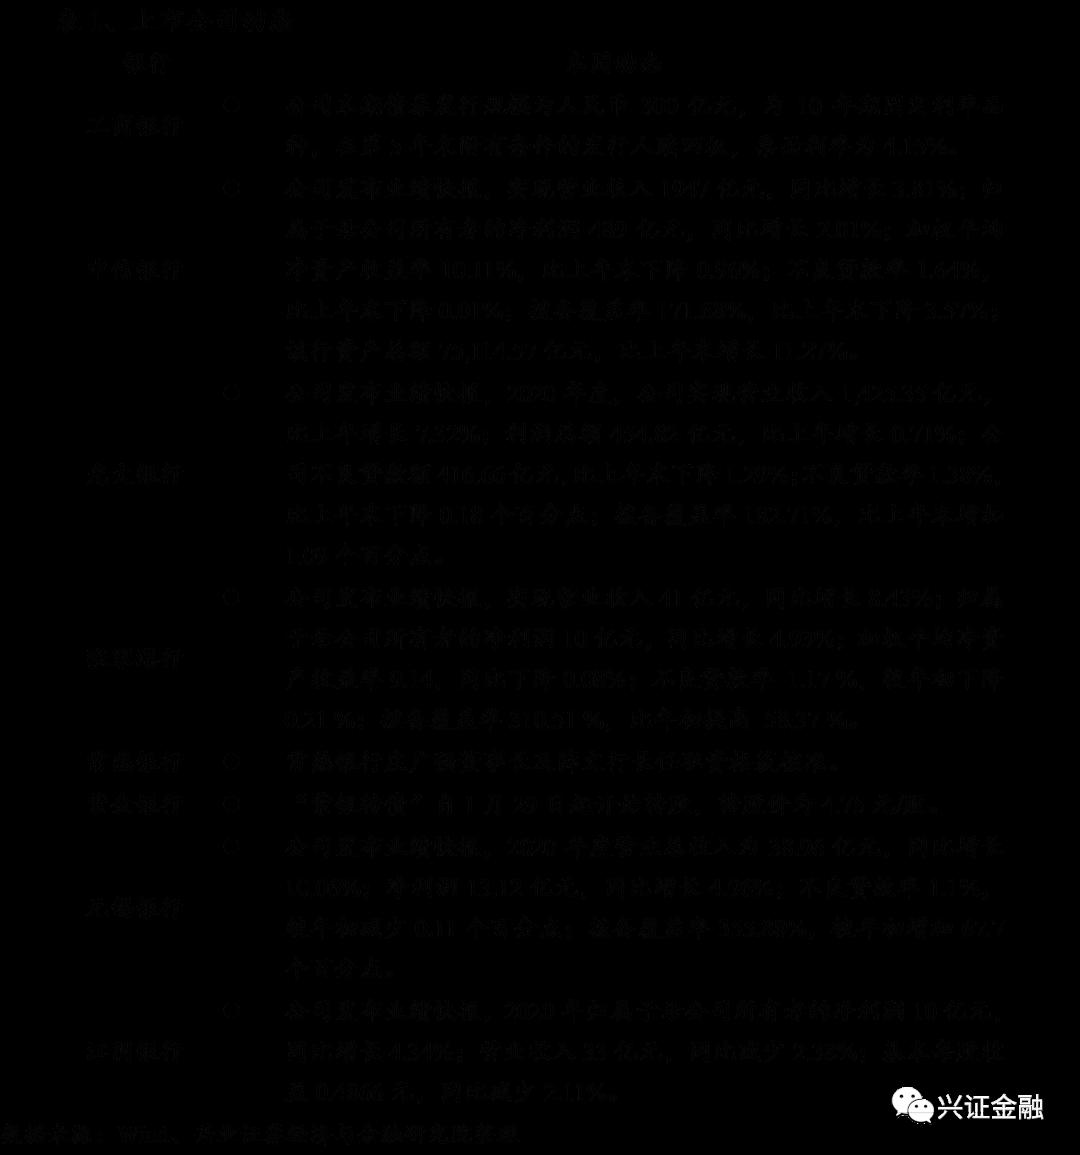 【兴证金融 傅慧芳】银行业周报(210118-210124):20Q4基金小幅加仓银行,21年银行再融资预案首披